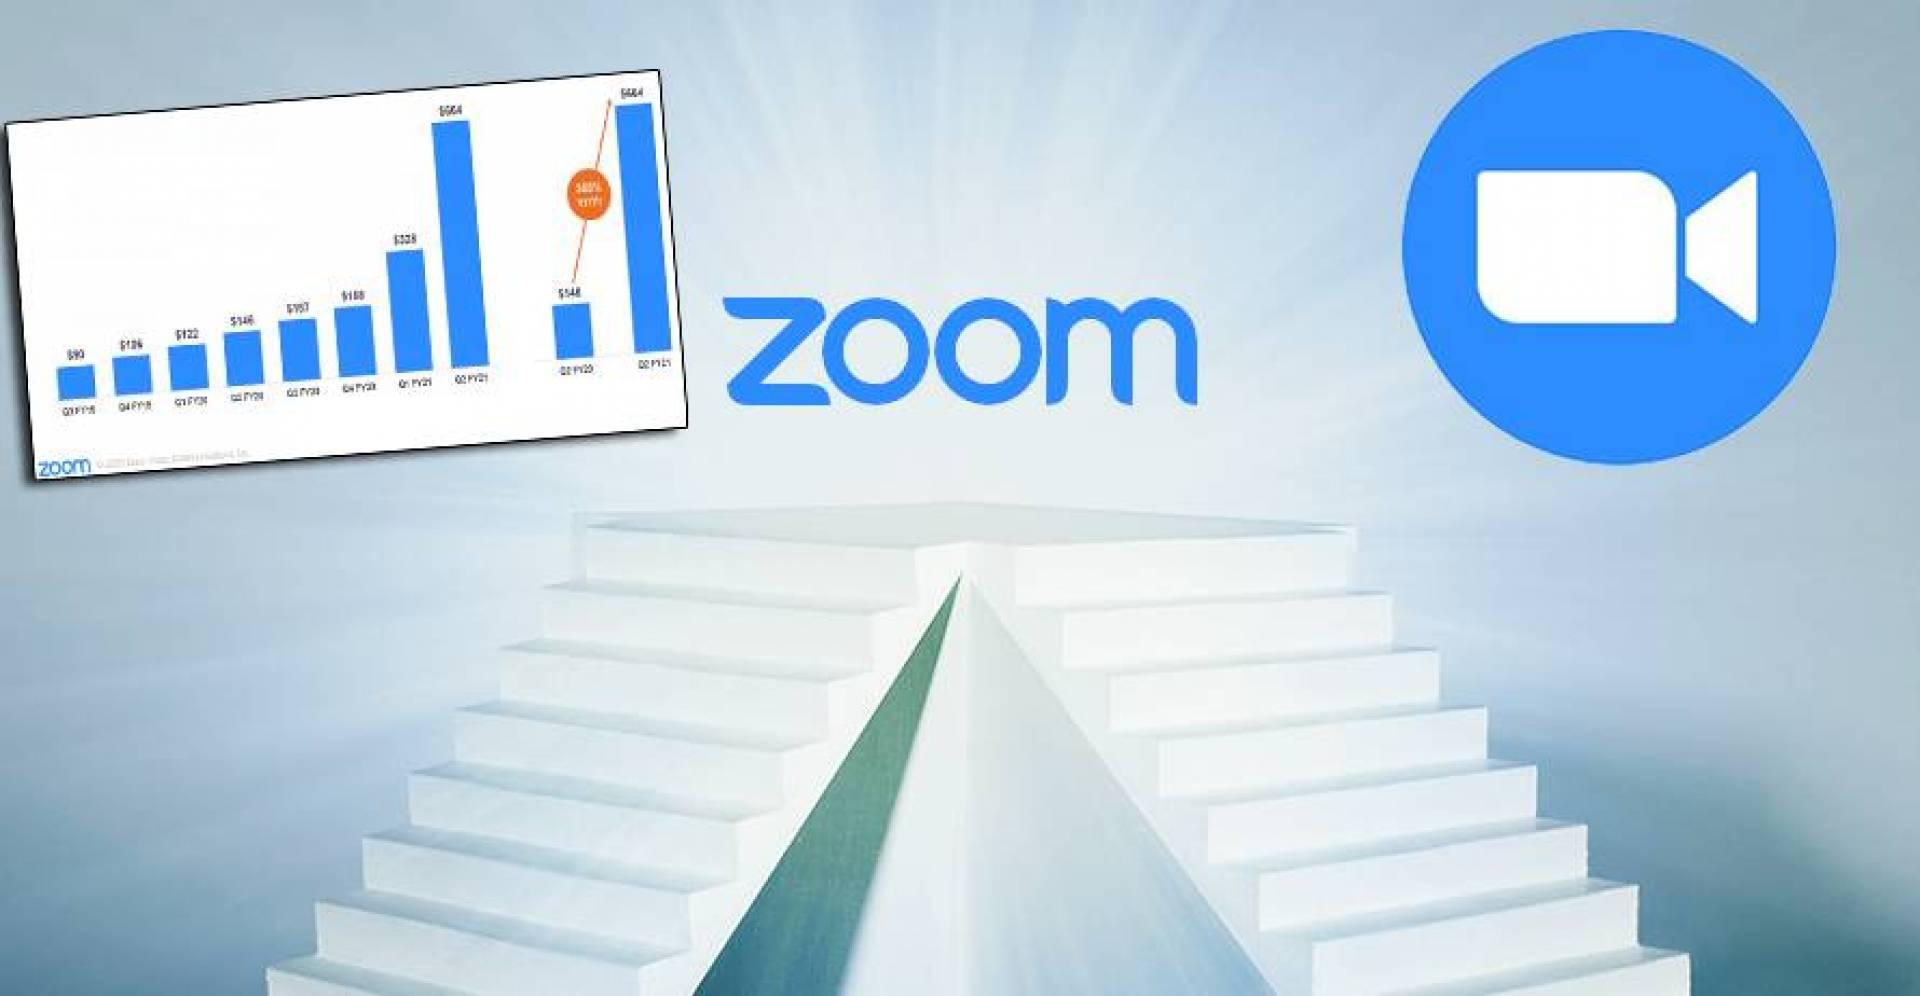 «كورونا» يرفع قيمة شركة Zoom.. من 25 مليار دولار إلى 129 مليار دولار